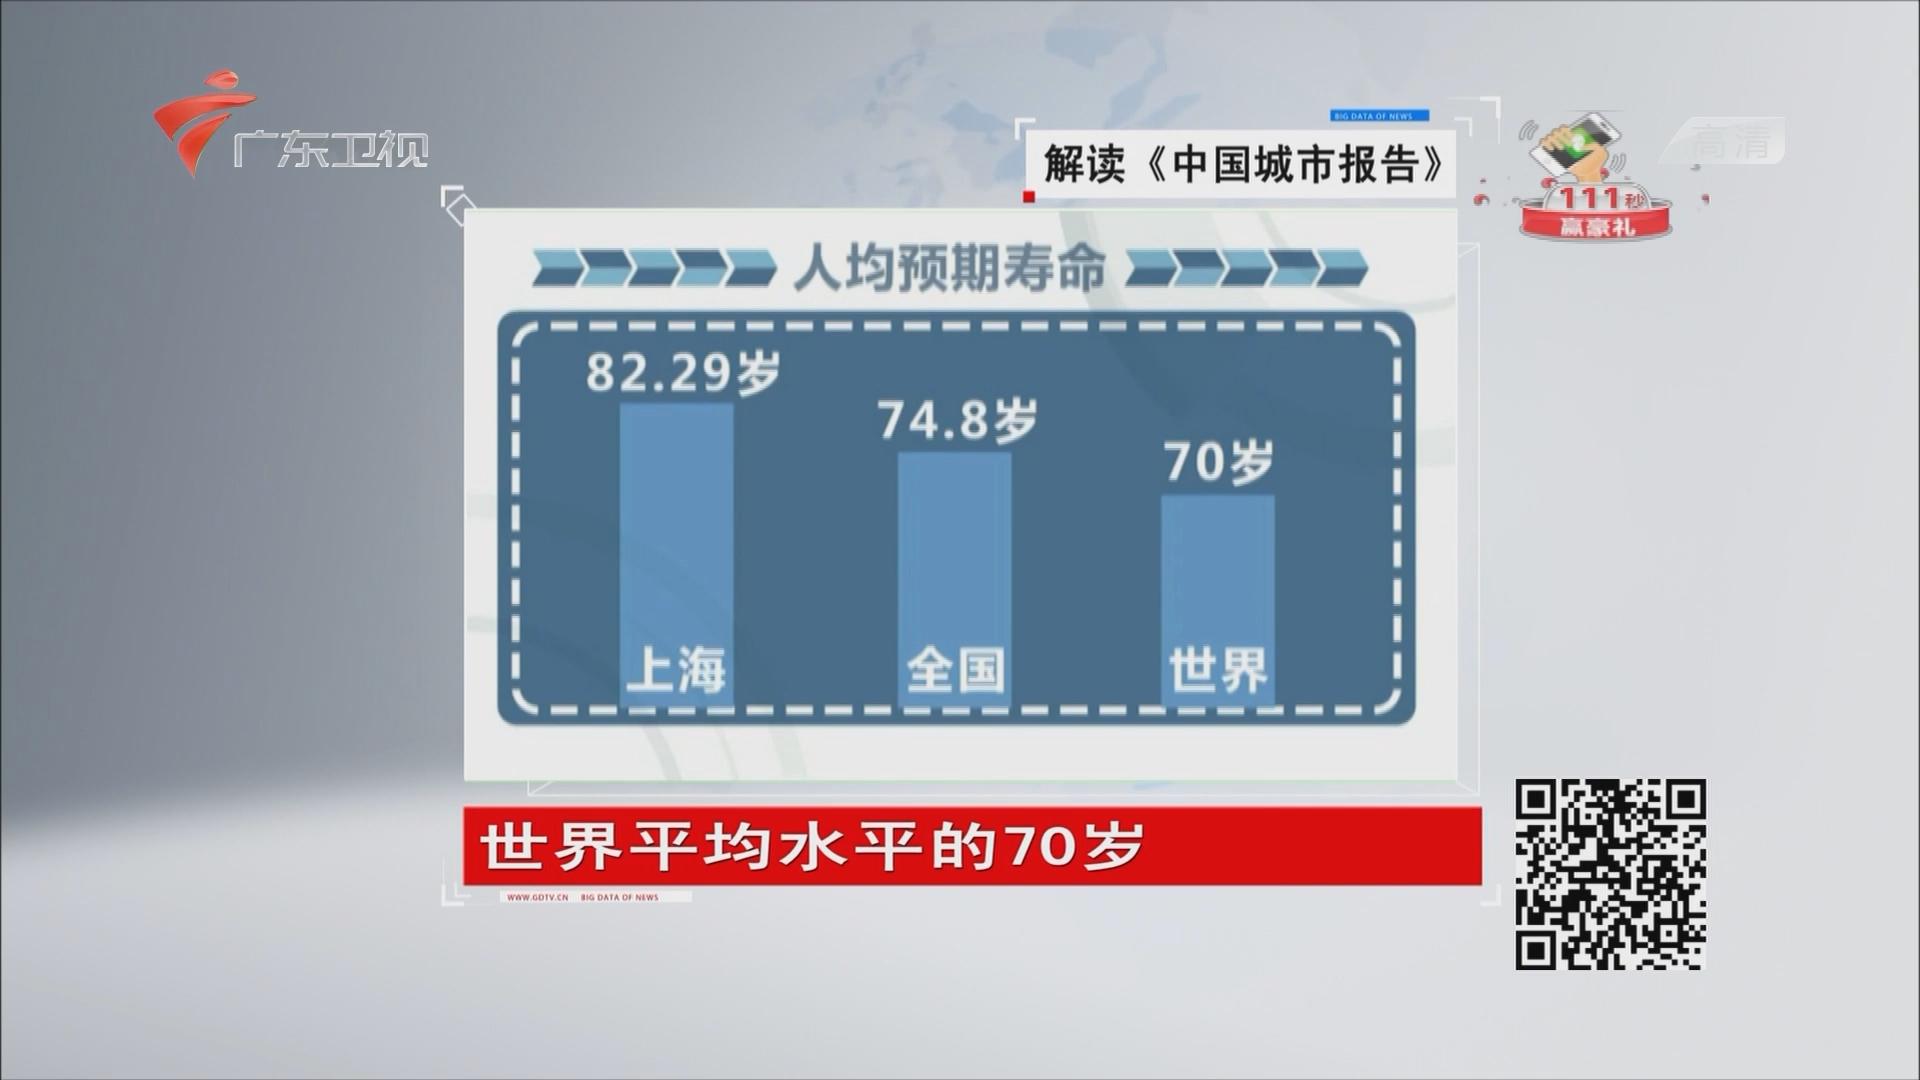 联合国公布《中国城市发展报告》